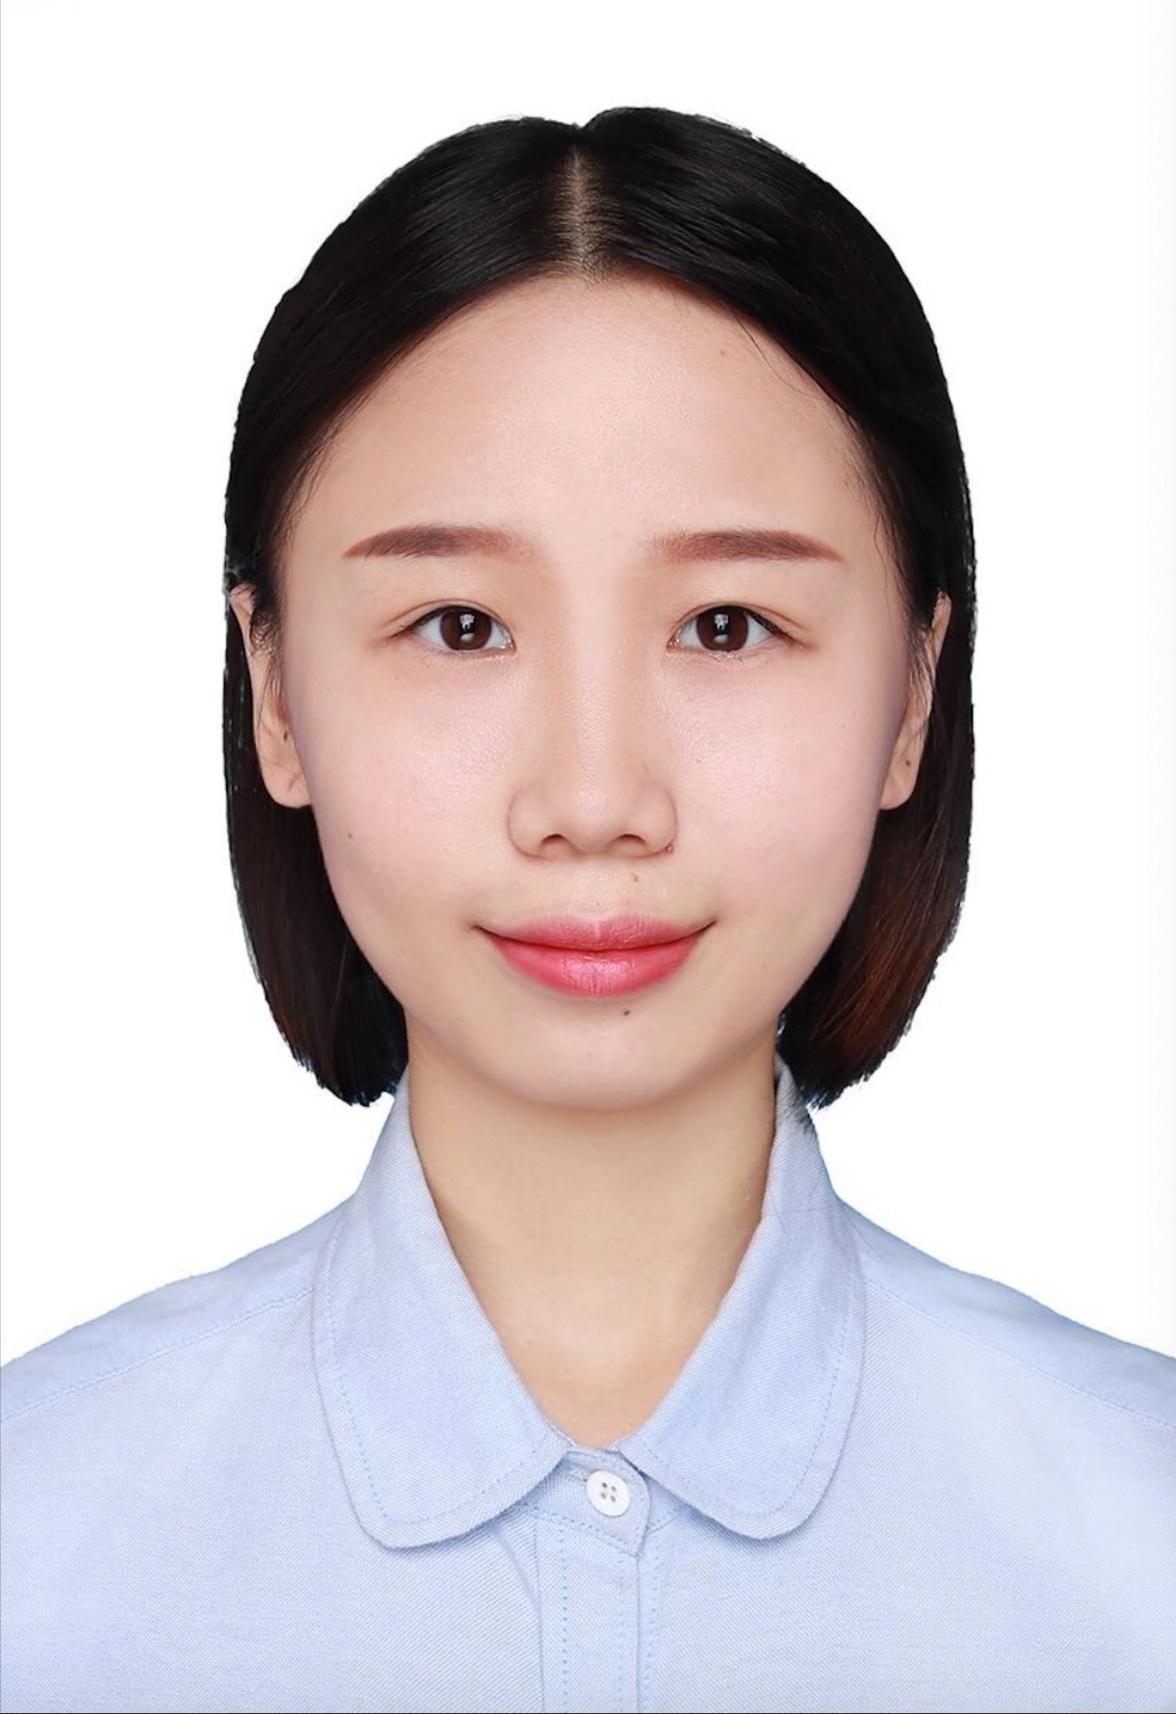 江阴家教顾教员